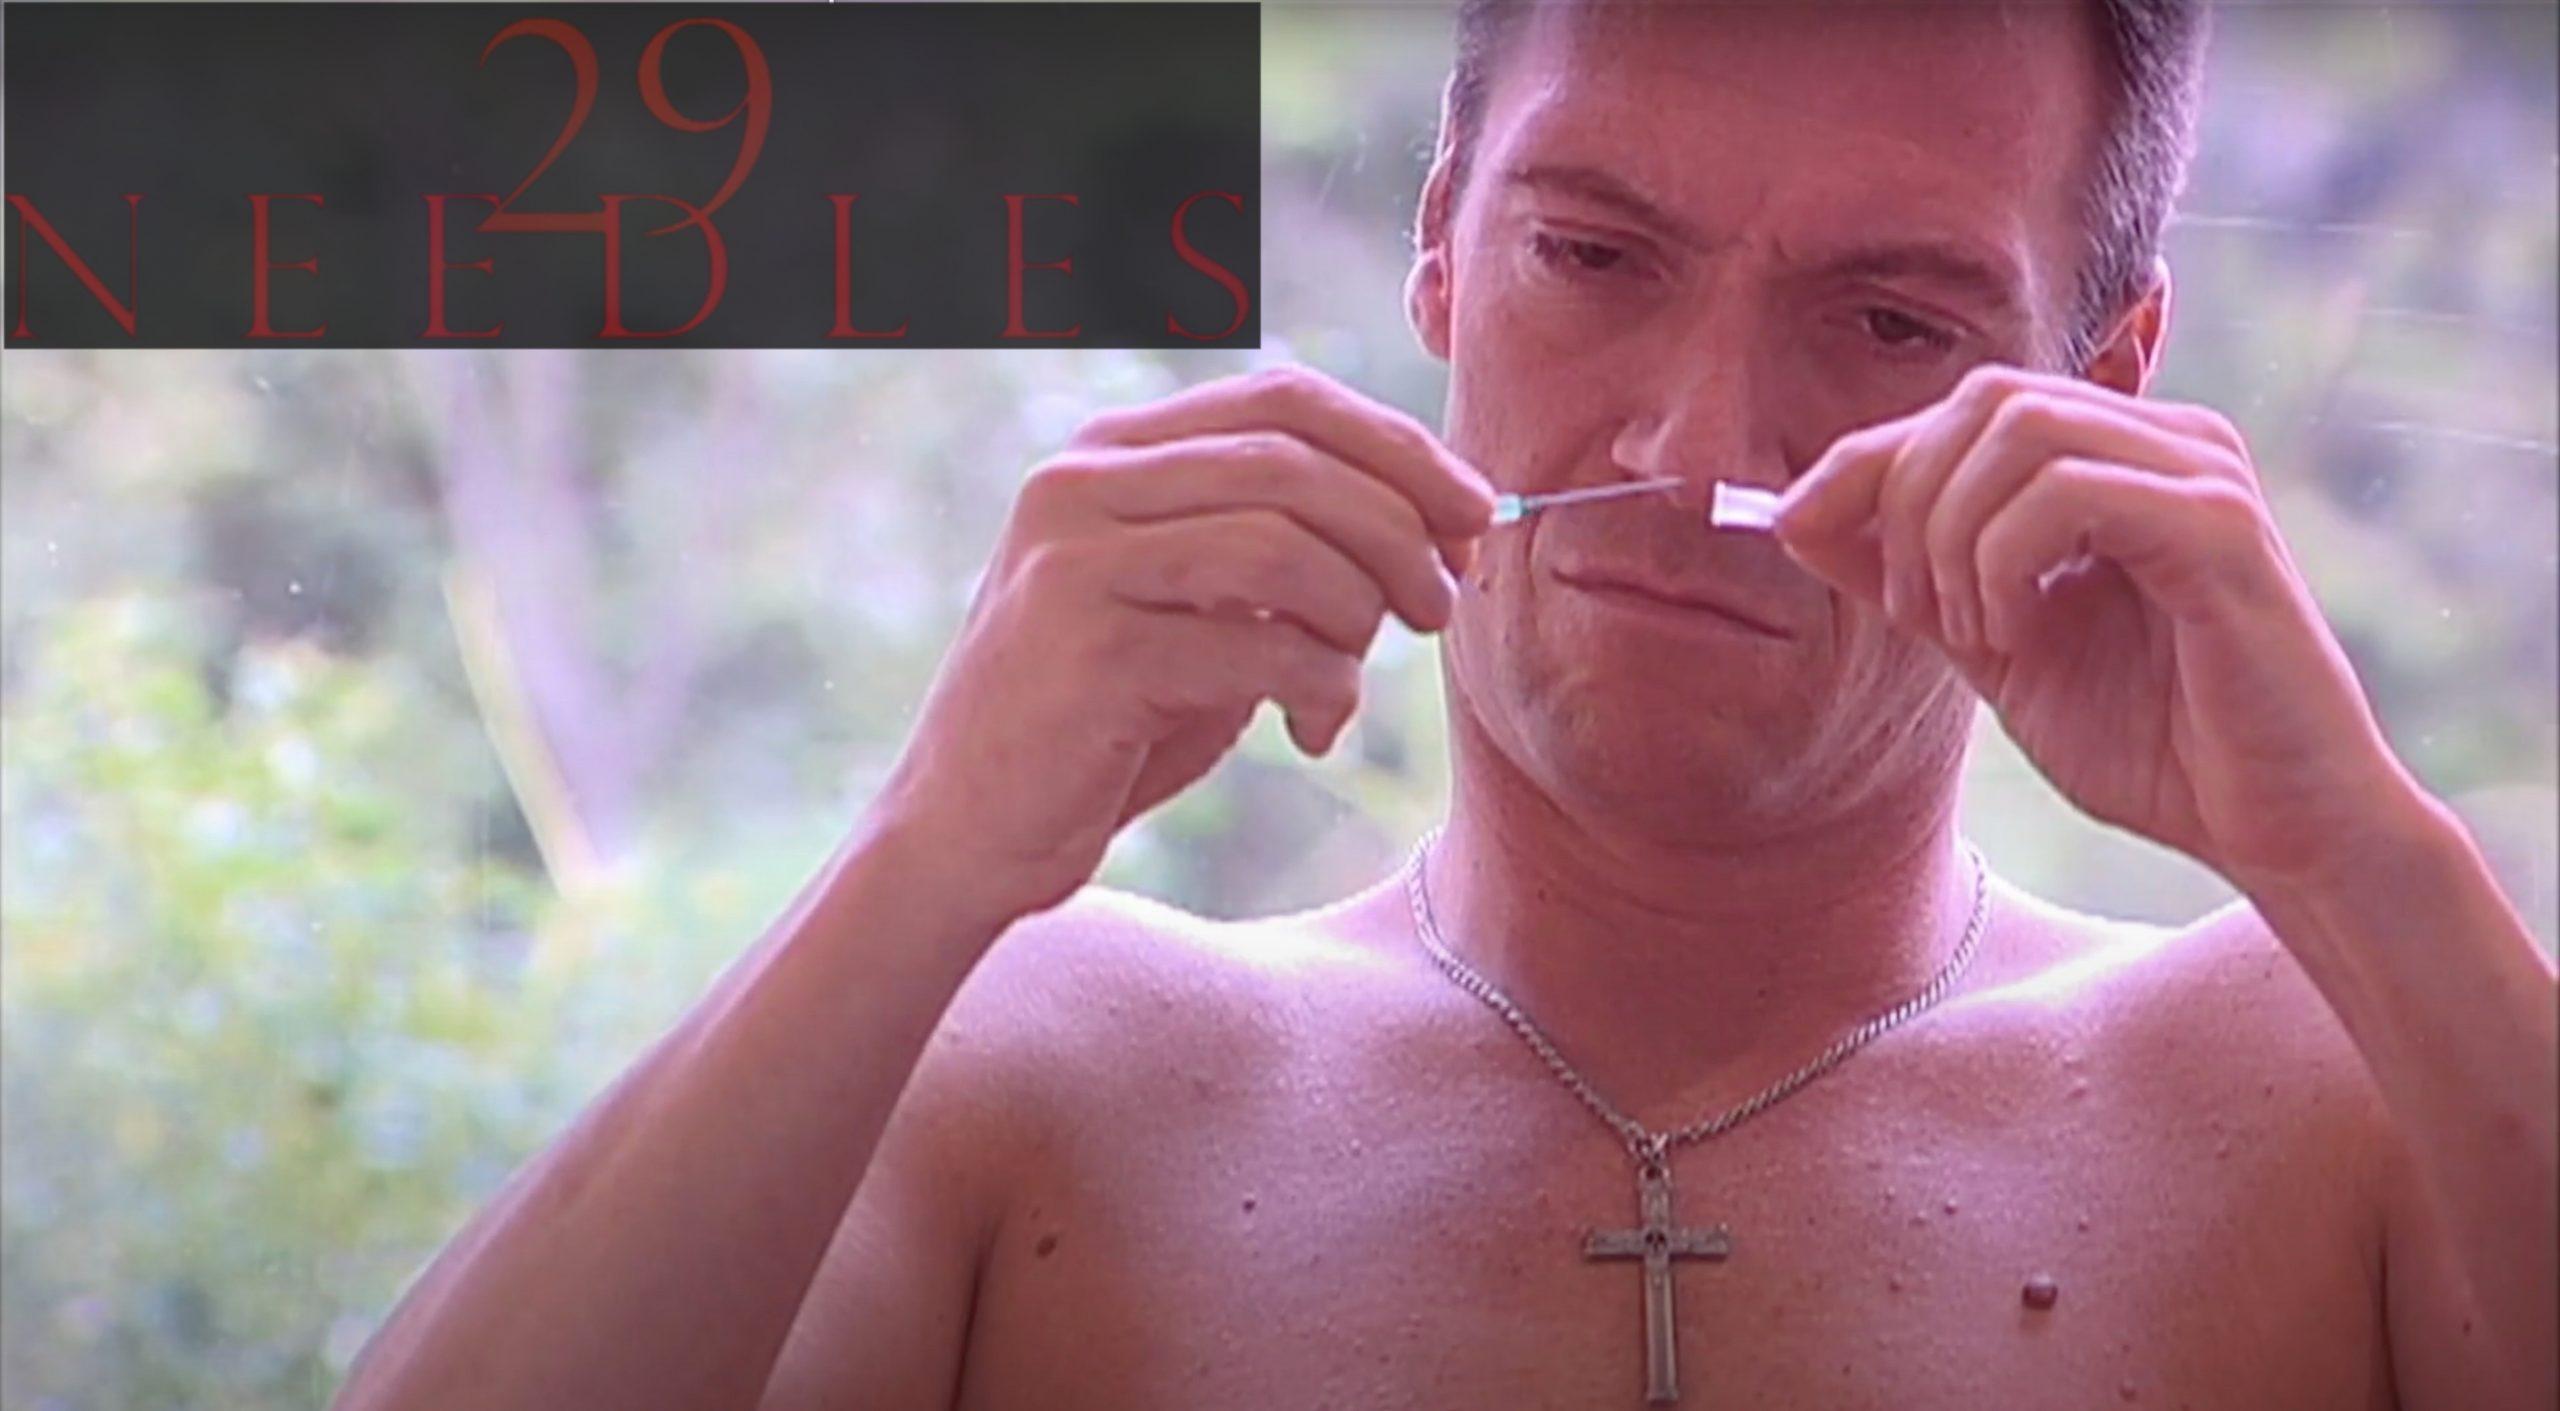 Film Review – 29 Needles (2019)